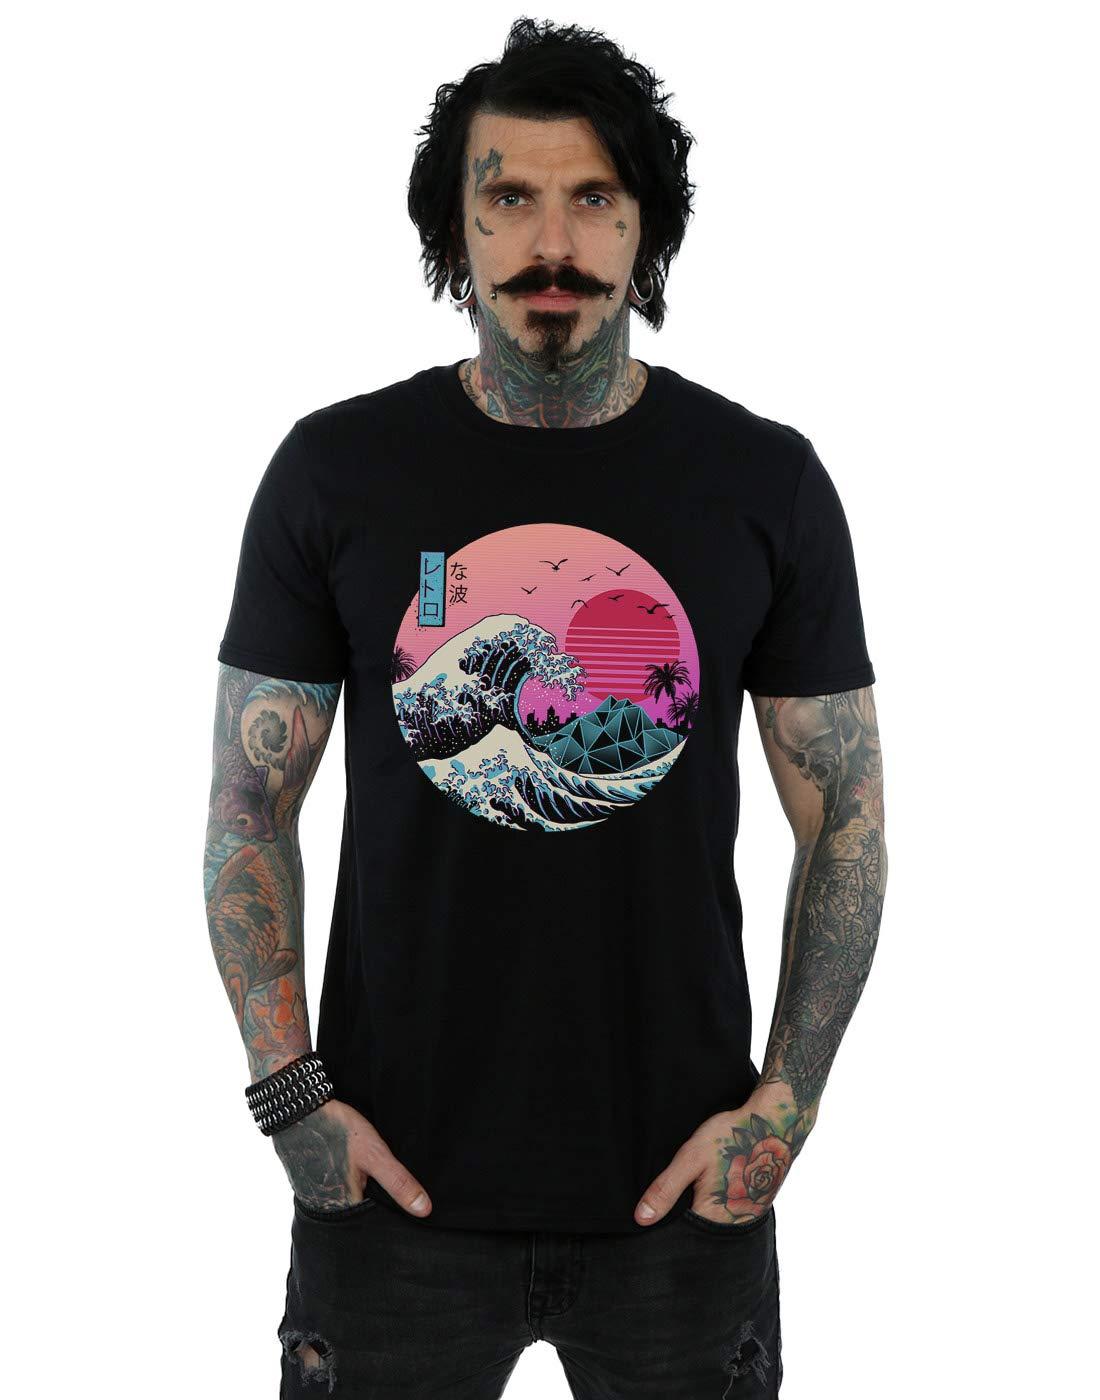 Vincent Trinidad S The Great Retro Wave Tshirt